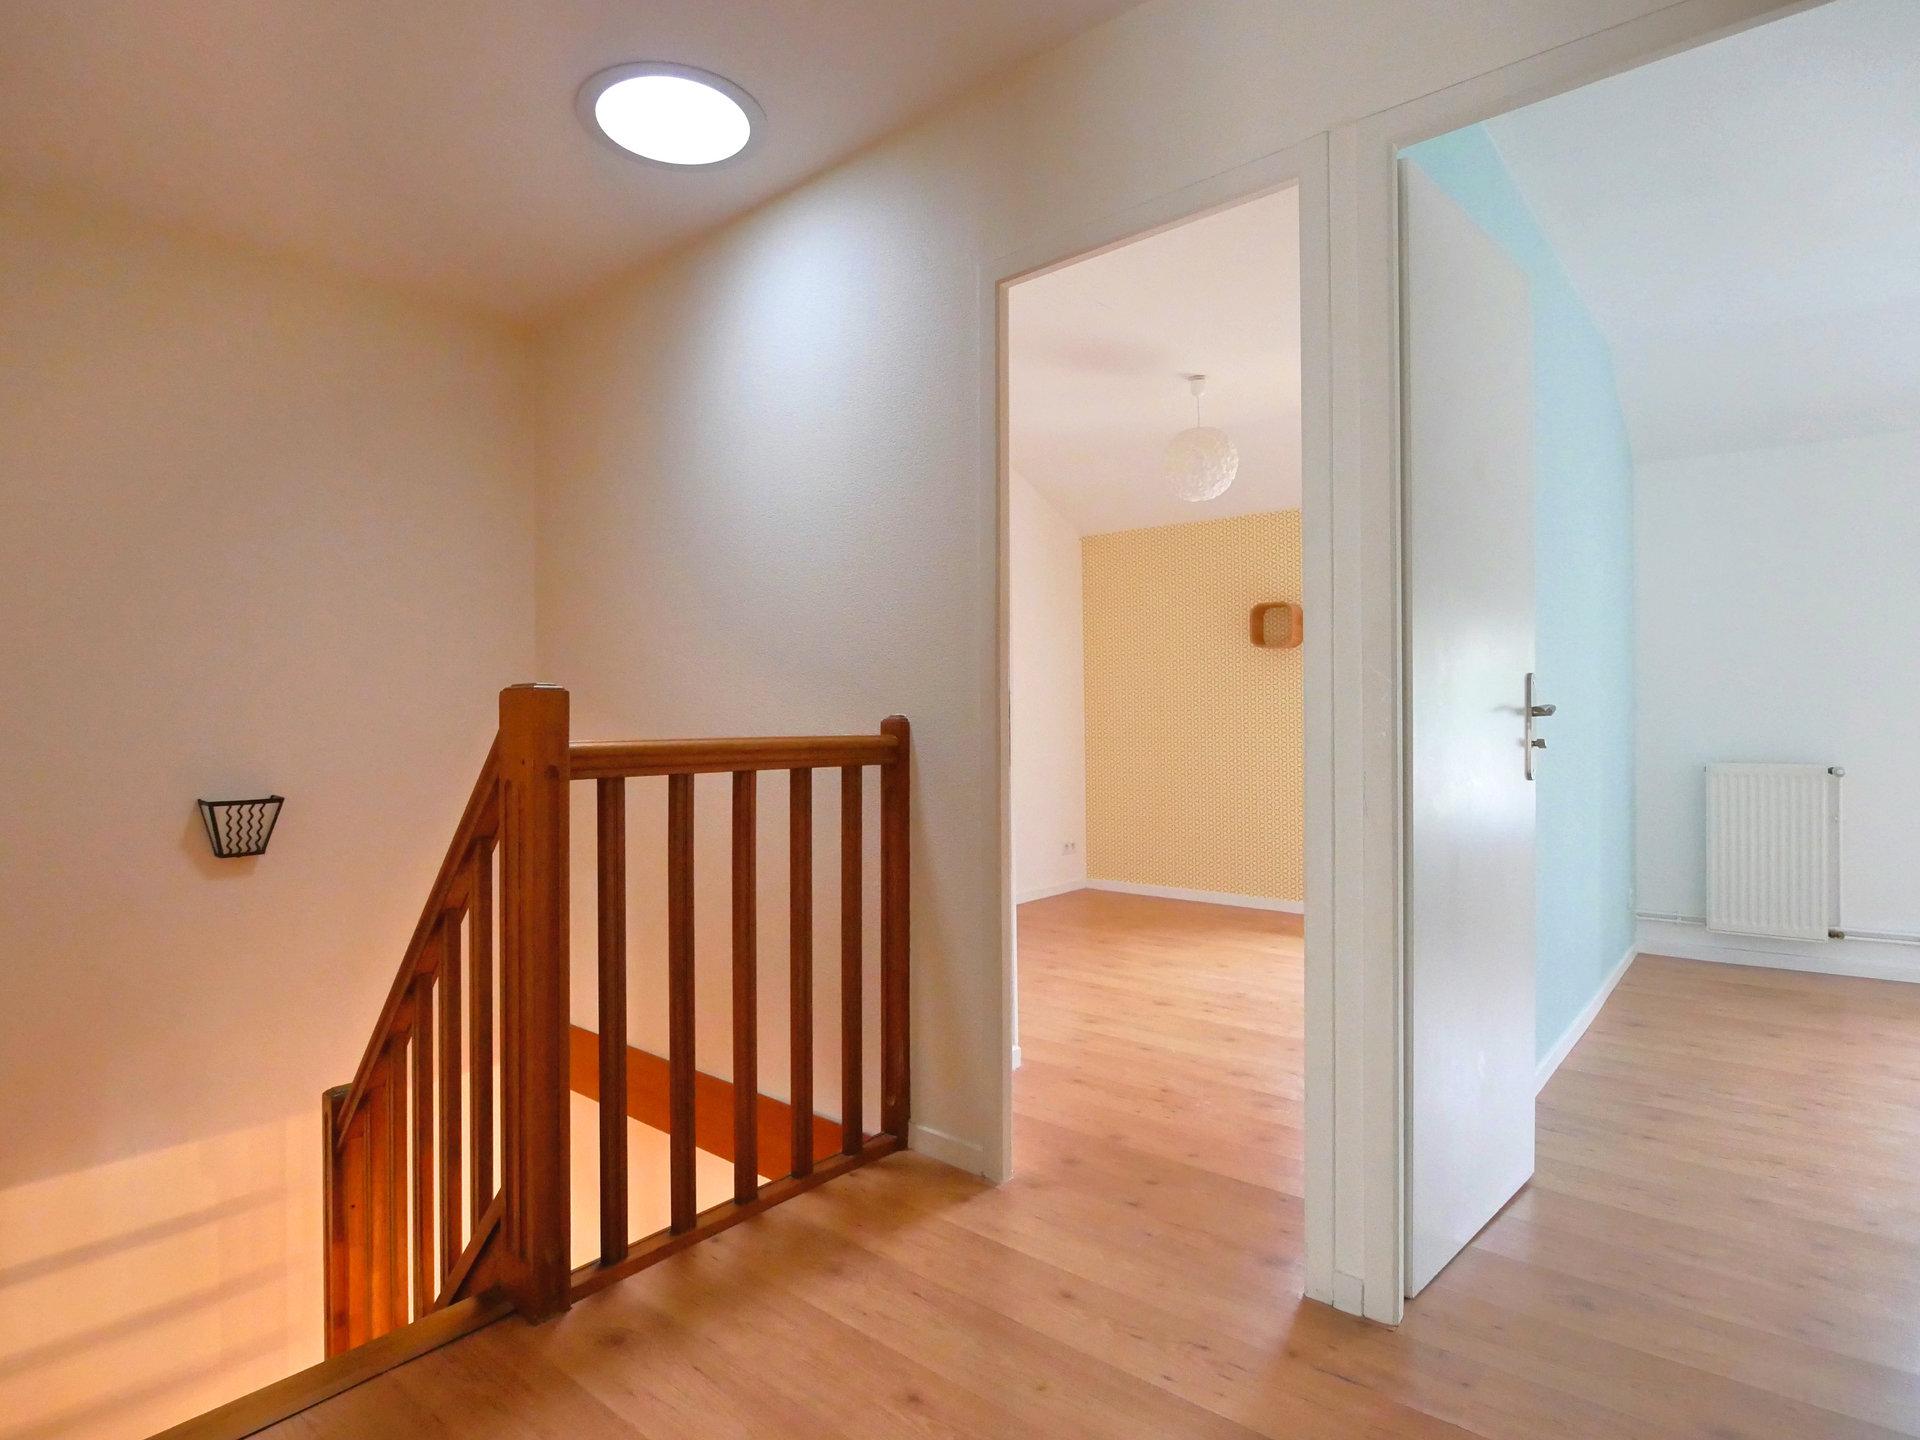 Tout proche du centre-ville, et de toutes les commodités, découvrez ce duplex de 100 m², avec 4 chambres, situé dans une petite copropriété sans charges. Situé au premier étage, il comprend une entrée, une cuisine équipée ouverte sur le séjour, un WC et un accès au balcon exposé plein Sud, donnant sur une cour intérieure calme et sécurisée. L'étage offre 4 chambres avec placards, et une salle de bains. Un garage individuel et une pièce indépendante à aménager au RDC viennent compléter cet appartement  familial et fonctionnel. Bien soumis au régime de la copropriété, pas de charges. Honoraires à la charge du vendeur.